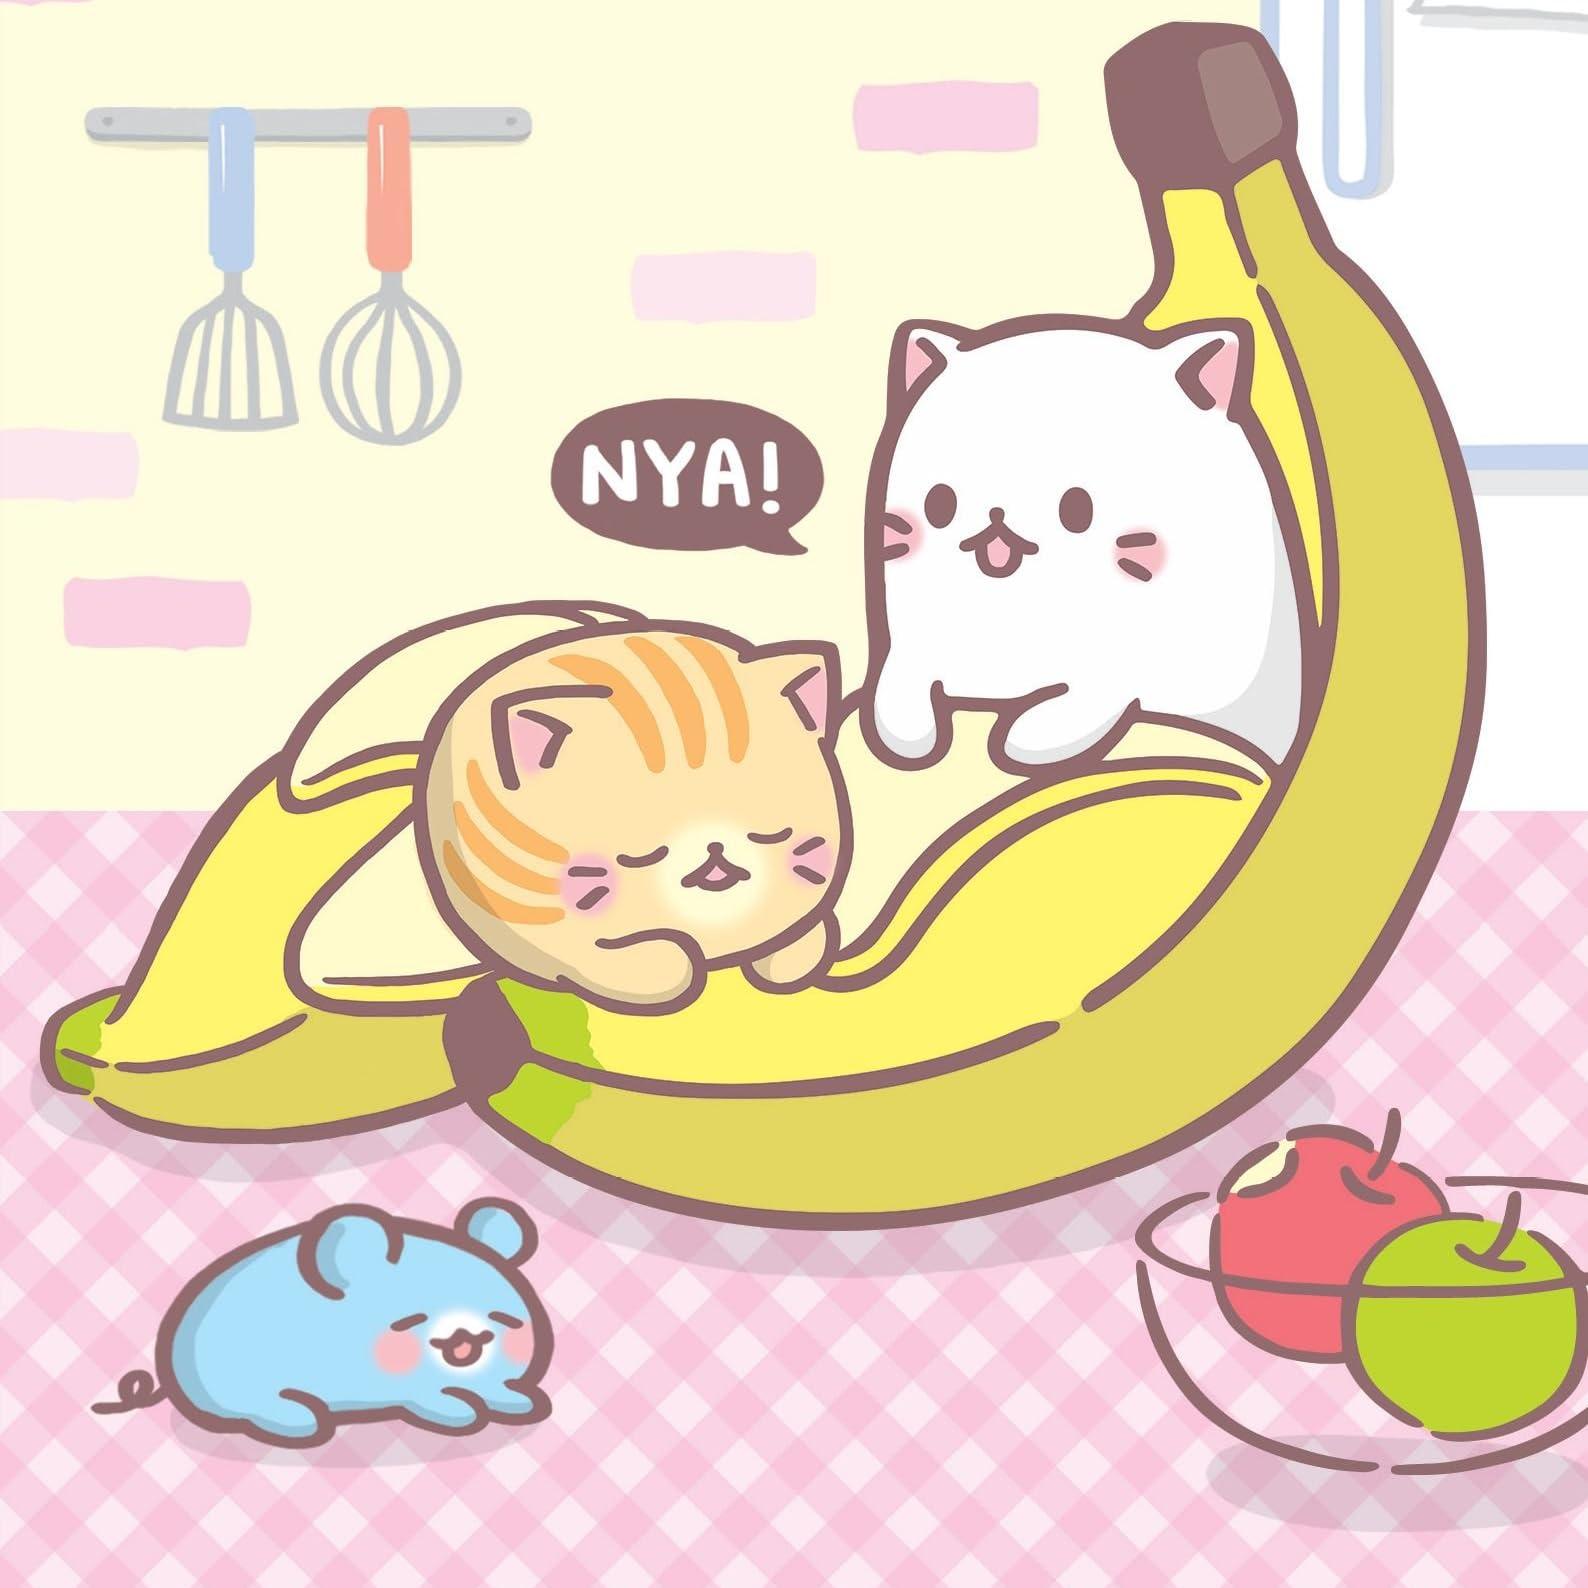 ばなにゃ Ipad壁紙 バナナにひそむにゃんこ アニメ スマホ用画像115716